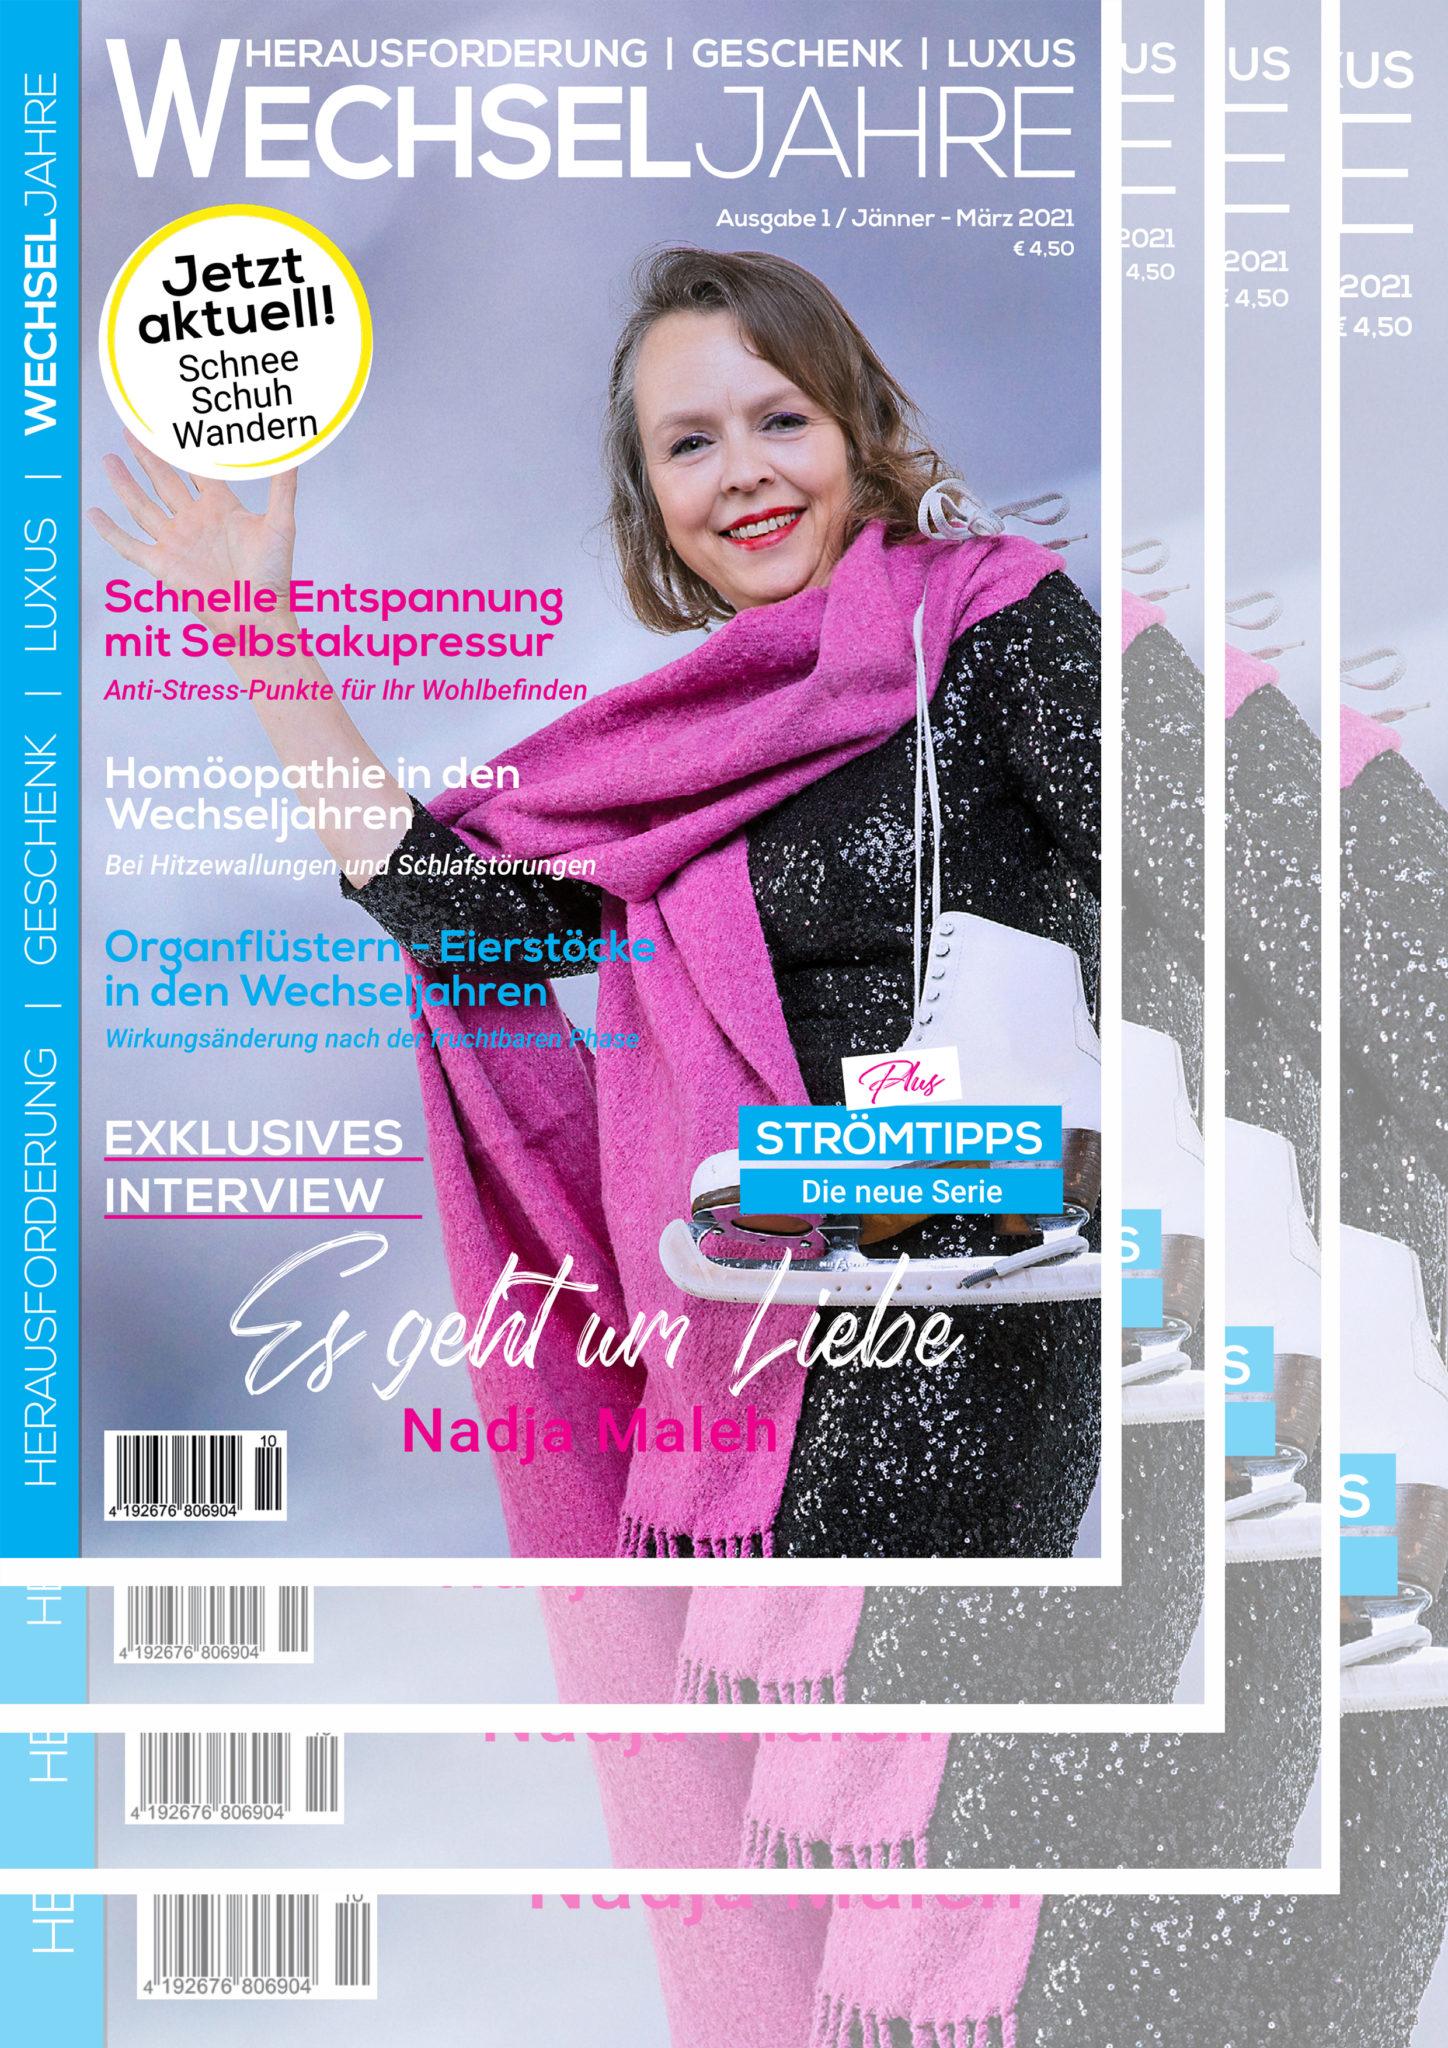 Magazin Wechseljahre | Abo 2020 | Ausgaben 1-4/2021 | Preis 16,- € | Magazin Wechseljahre | meine-wechseljahre.com